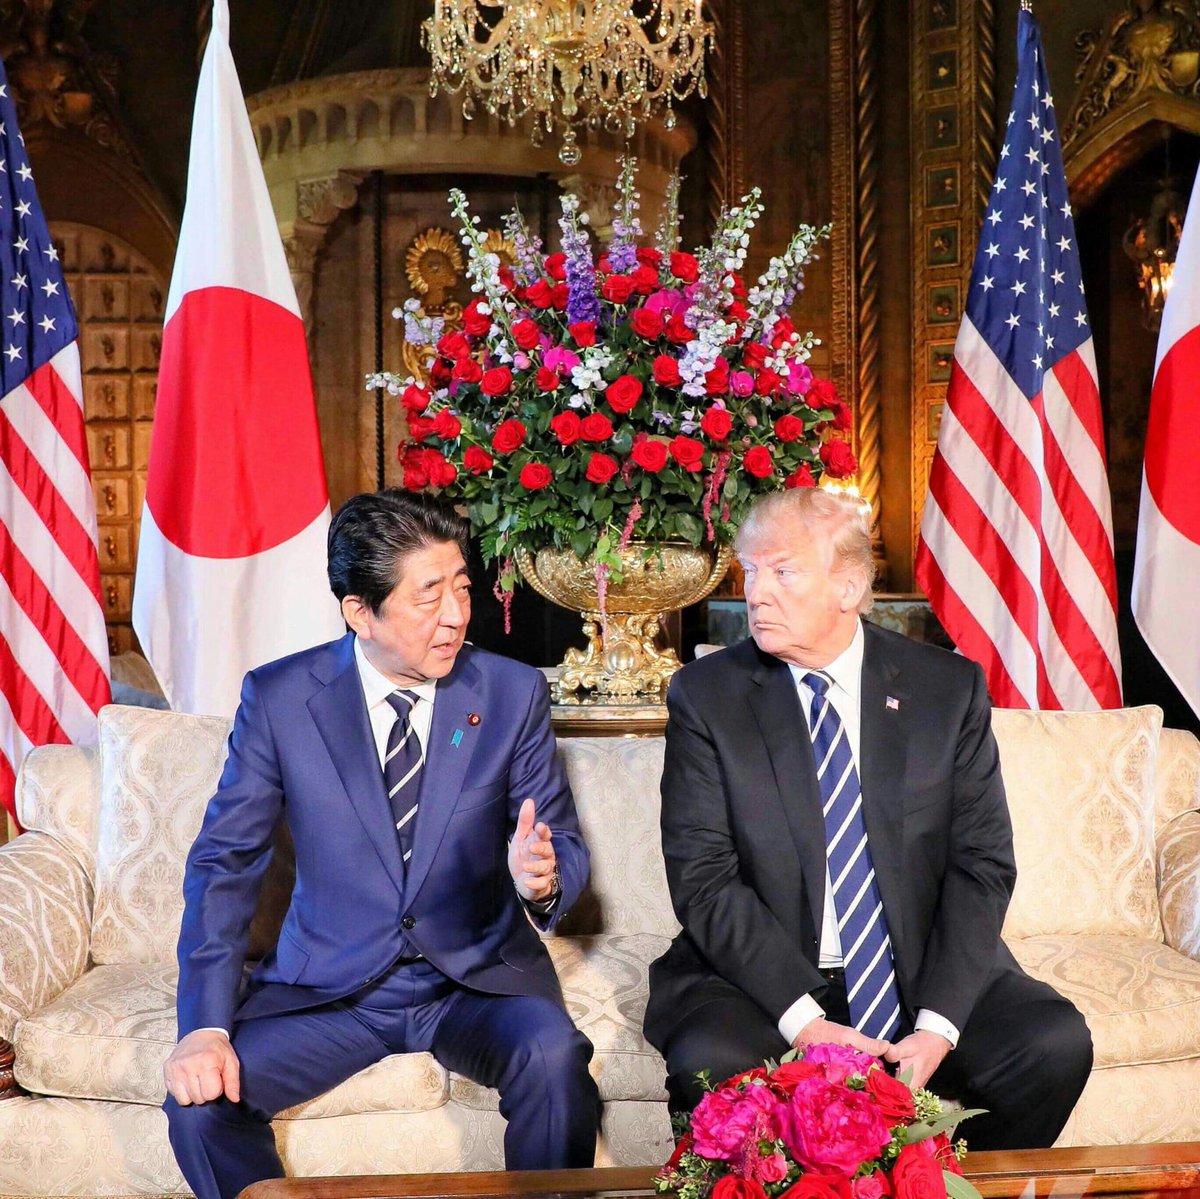 test ツイッターメディア - フロリダに到着し、早速トランプ大統領との首脳会談に臨みました。今日は、大半を北朝鮮問題に費やし、非常に重要な点で認識を一致させることができました。 「日本のために最善となるようベストを尽くす」 トランプ大統領は、来る米朝首脳会談で拉致問題を取り上げることを確約してくれました。 https://t.co/jmwobadARS